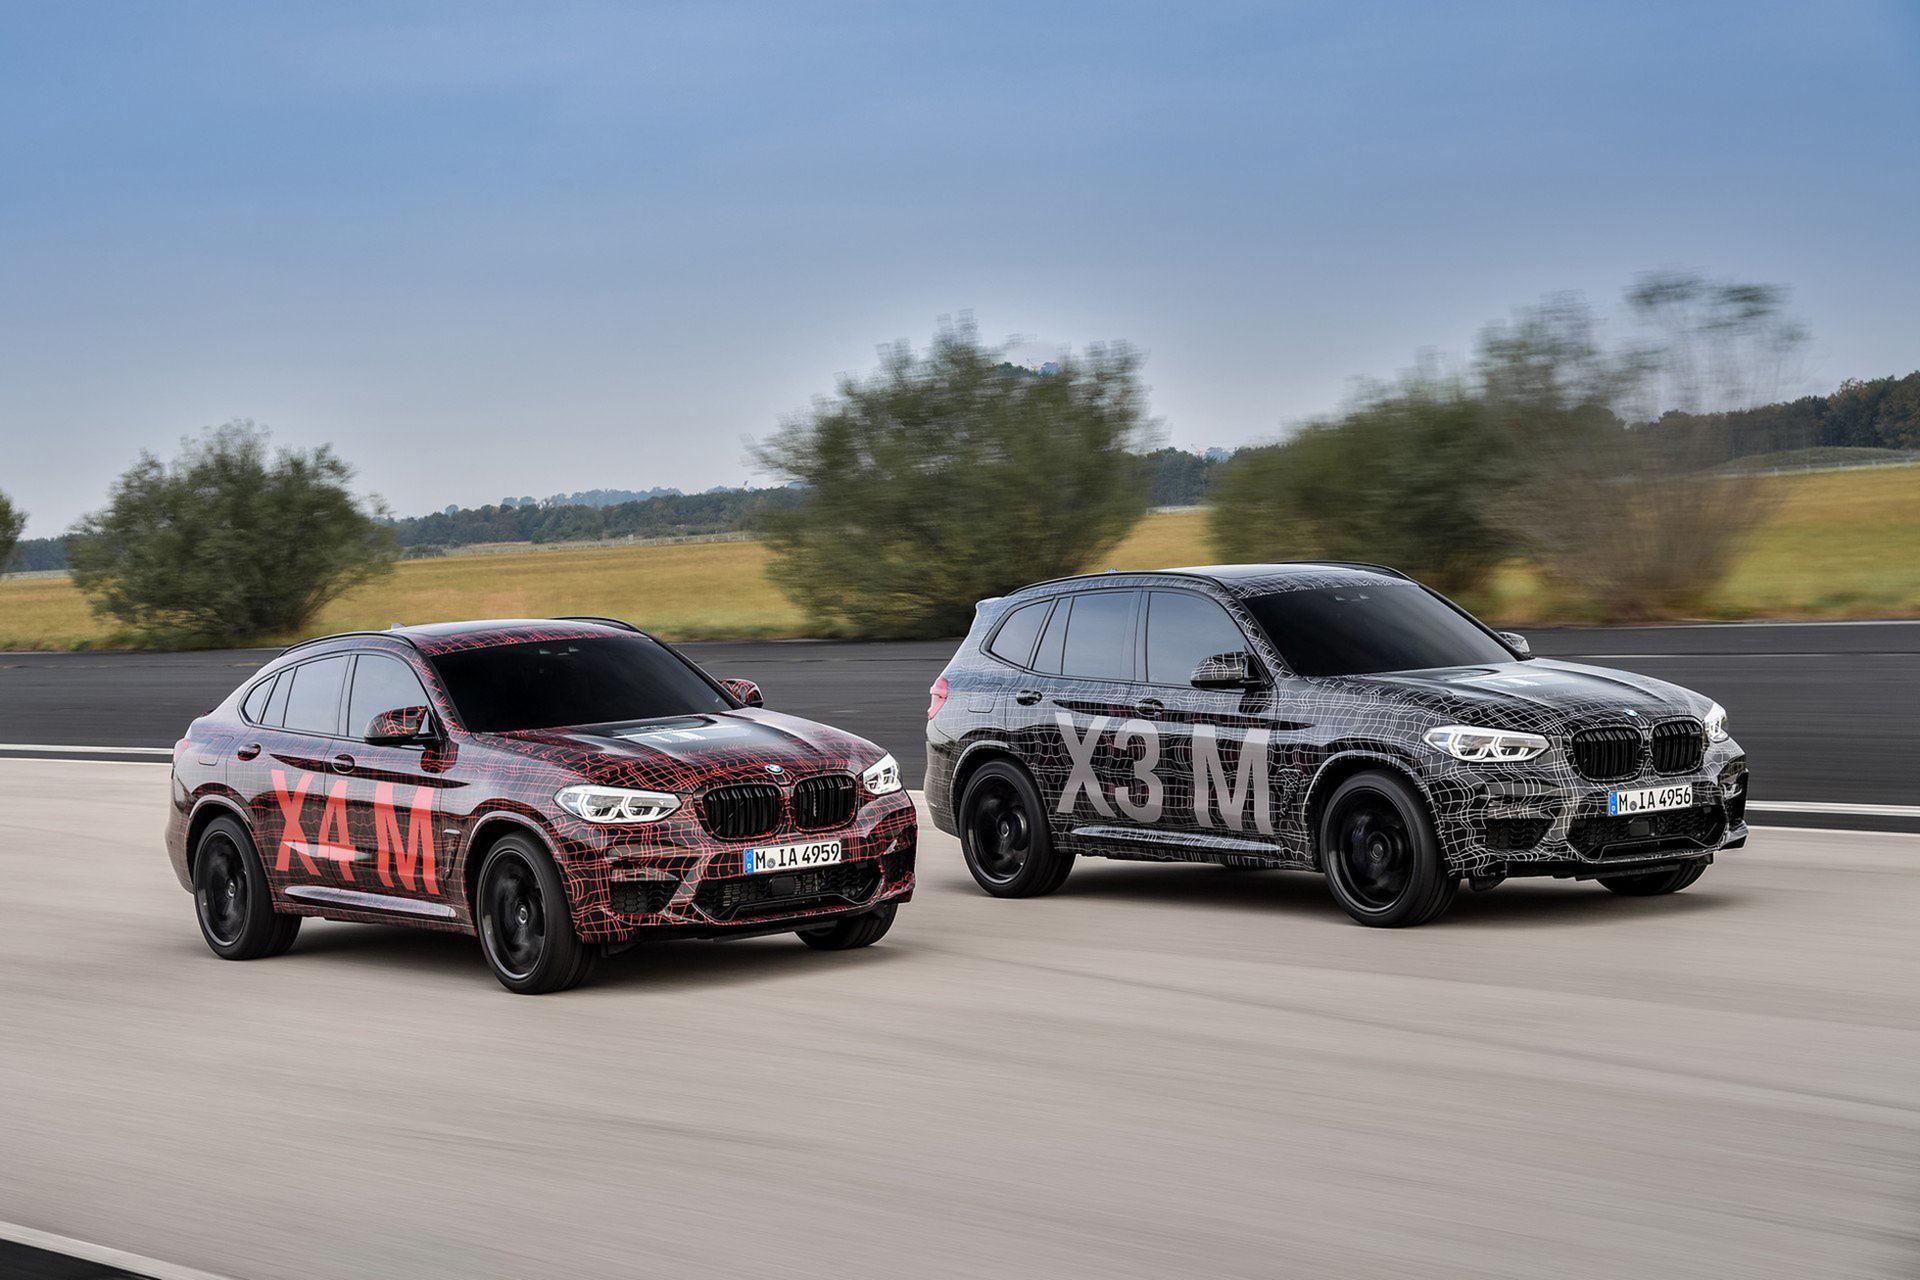 BMW visar upp prototyper av X3 M och X4 M